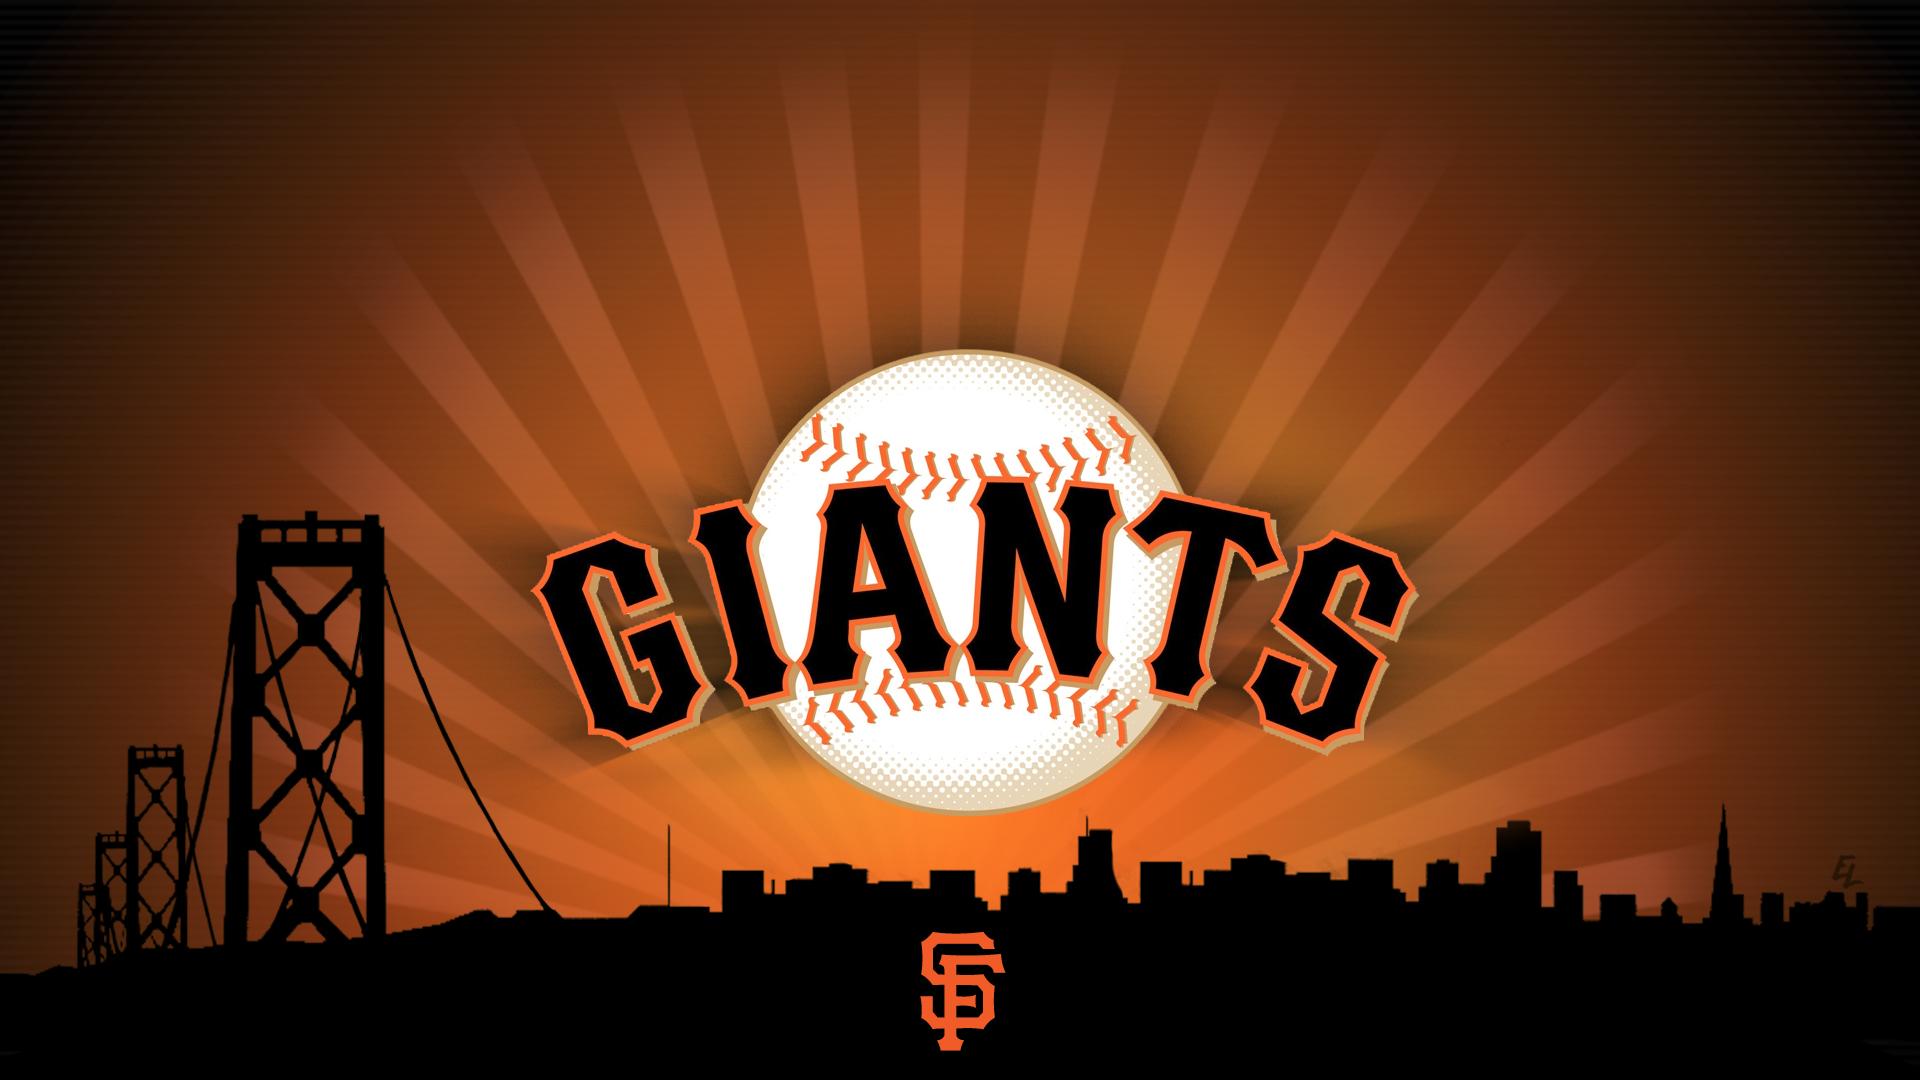 San Francisco Giants wallpaper   402188 1920x1080